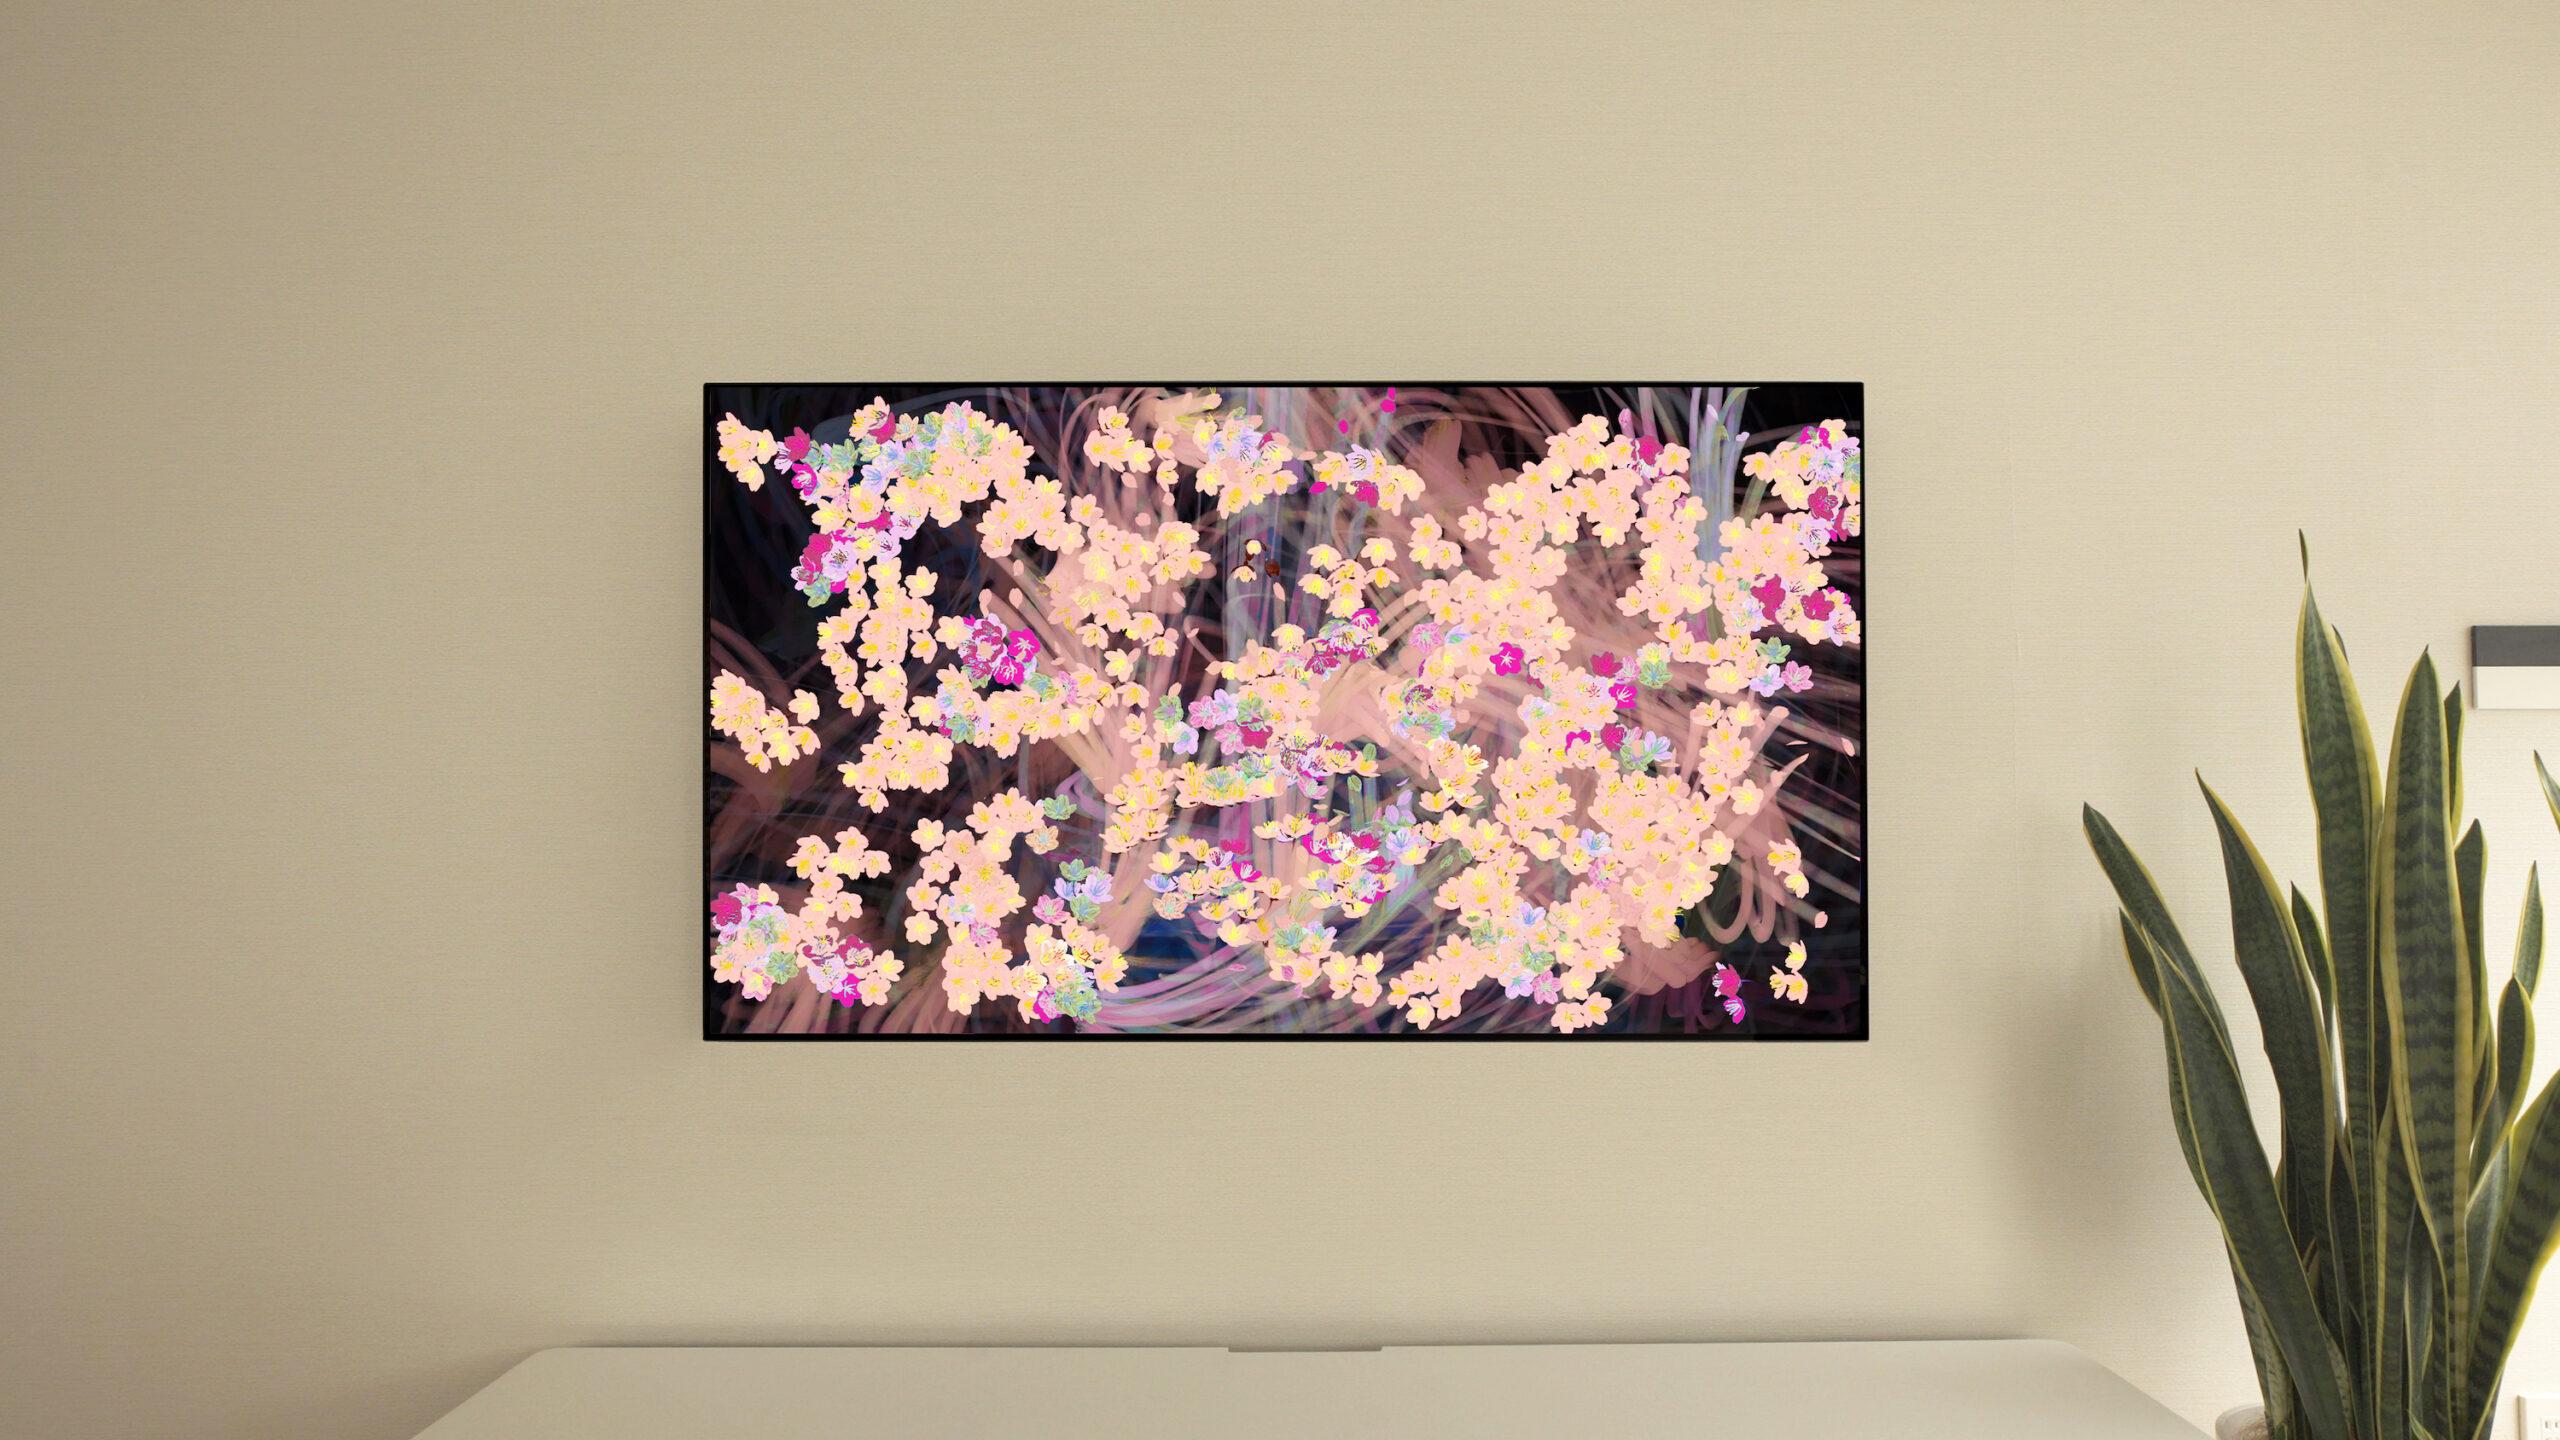 サクラ ボミング ホーム  桜が咲く